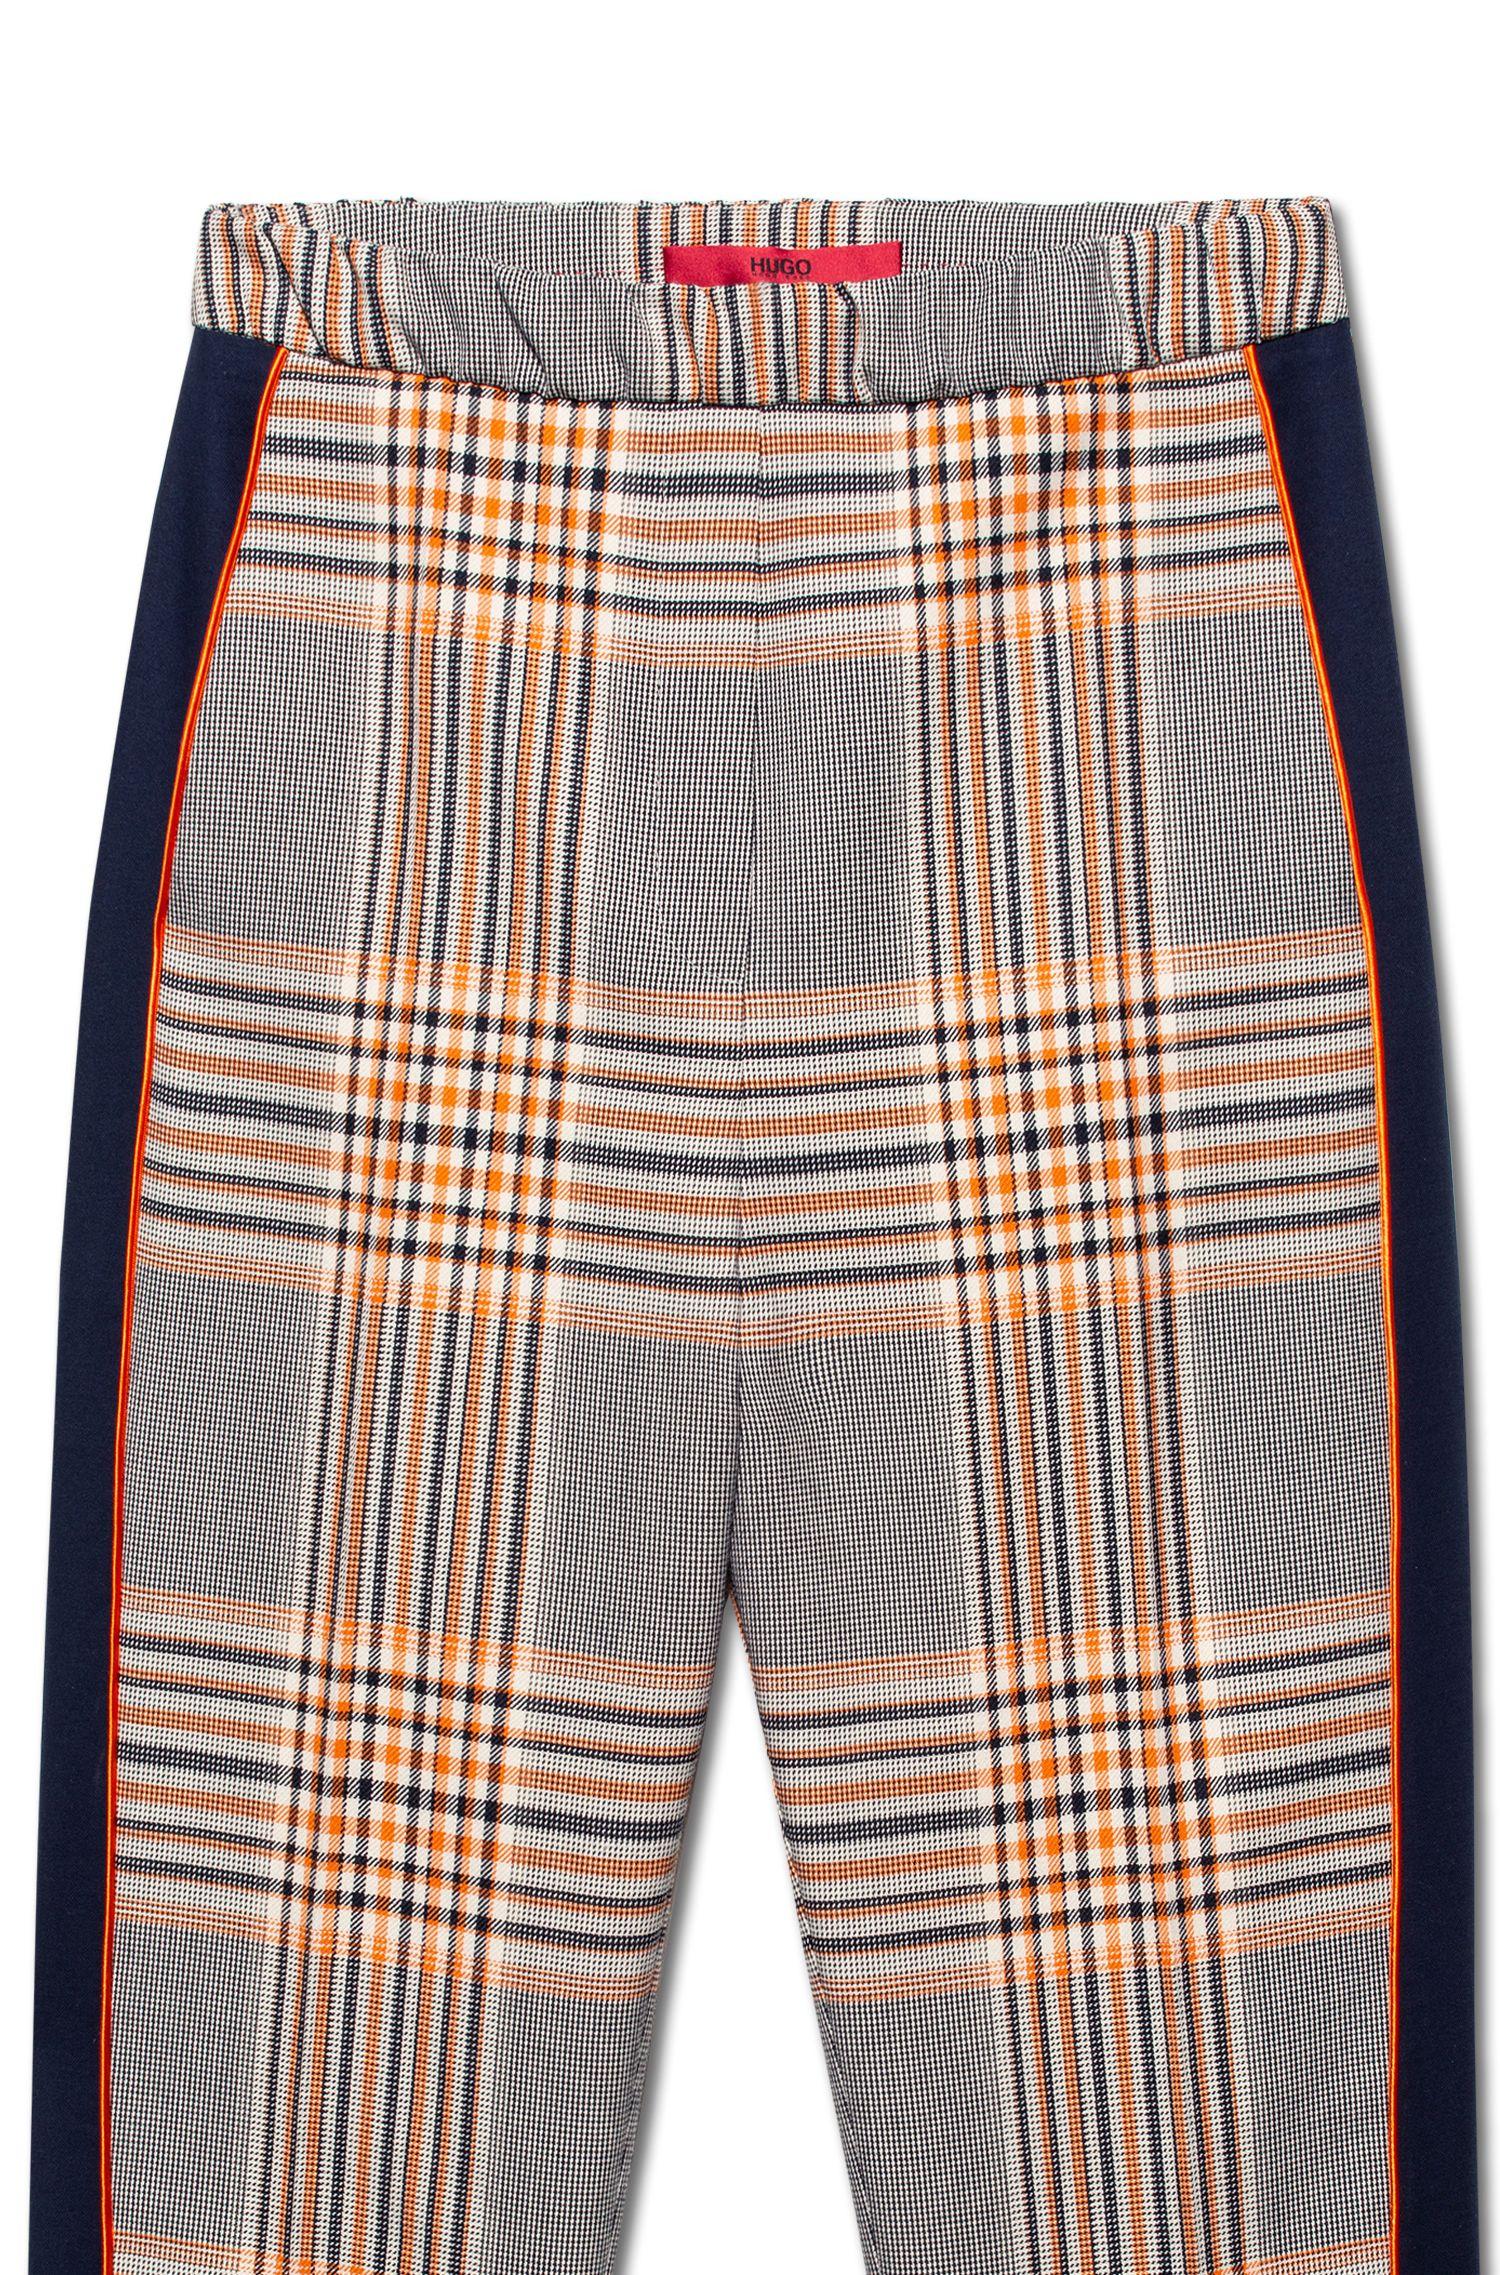 Regular-Fit Hose mit hohem Bund und Glencheck-Muster, Gemustert